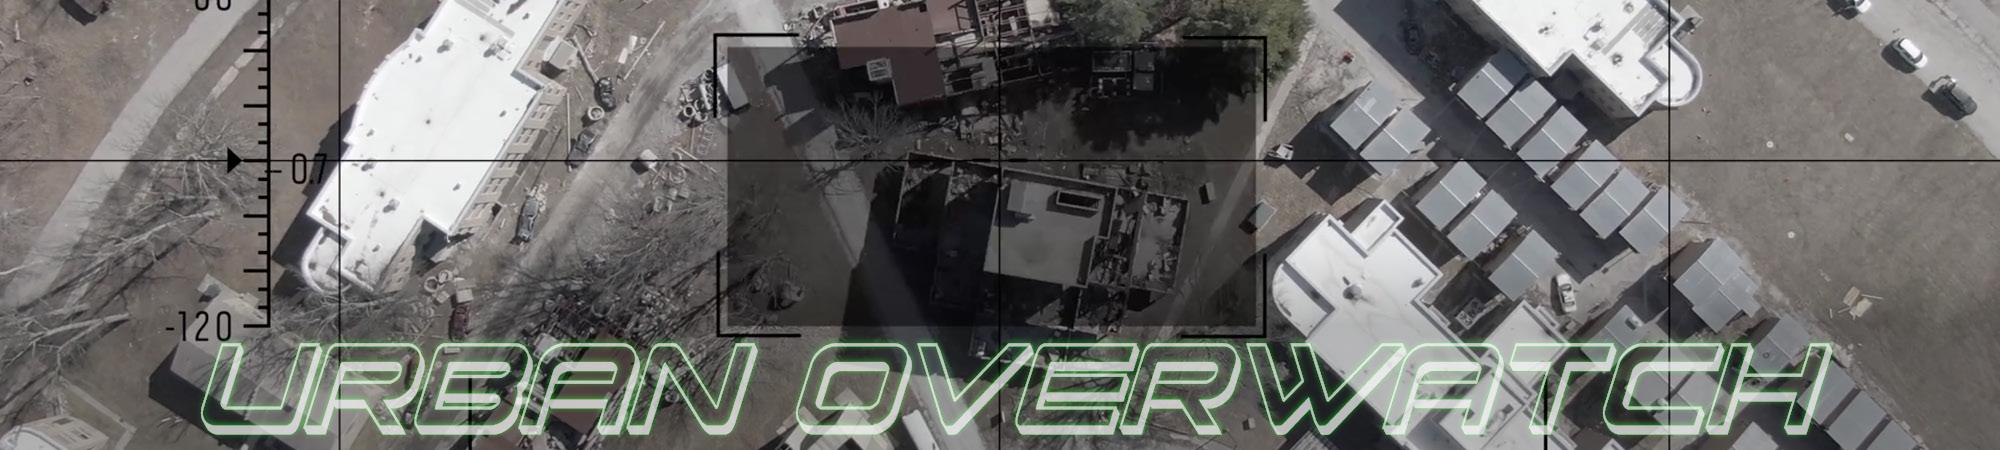 EPISODE-13-Urban-Overwatch